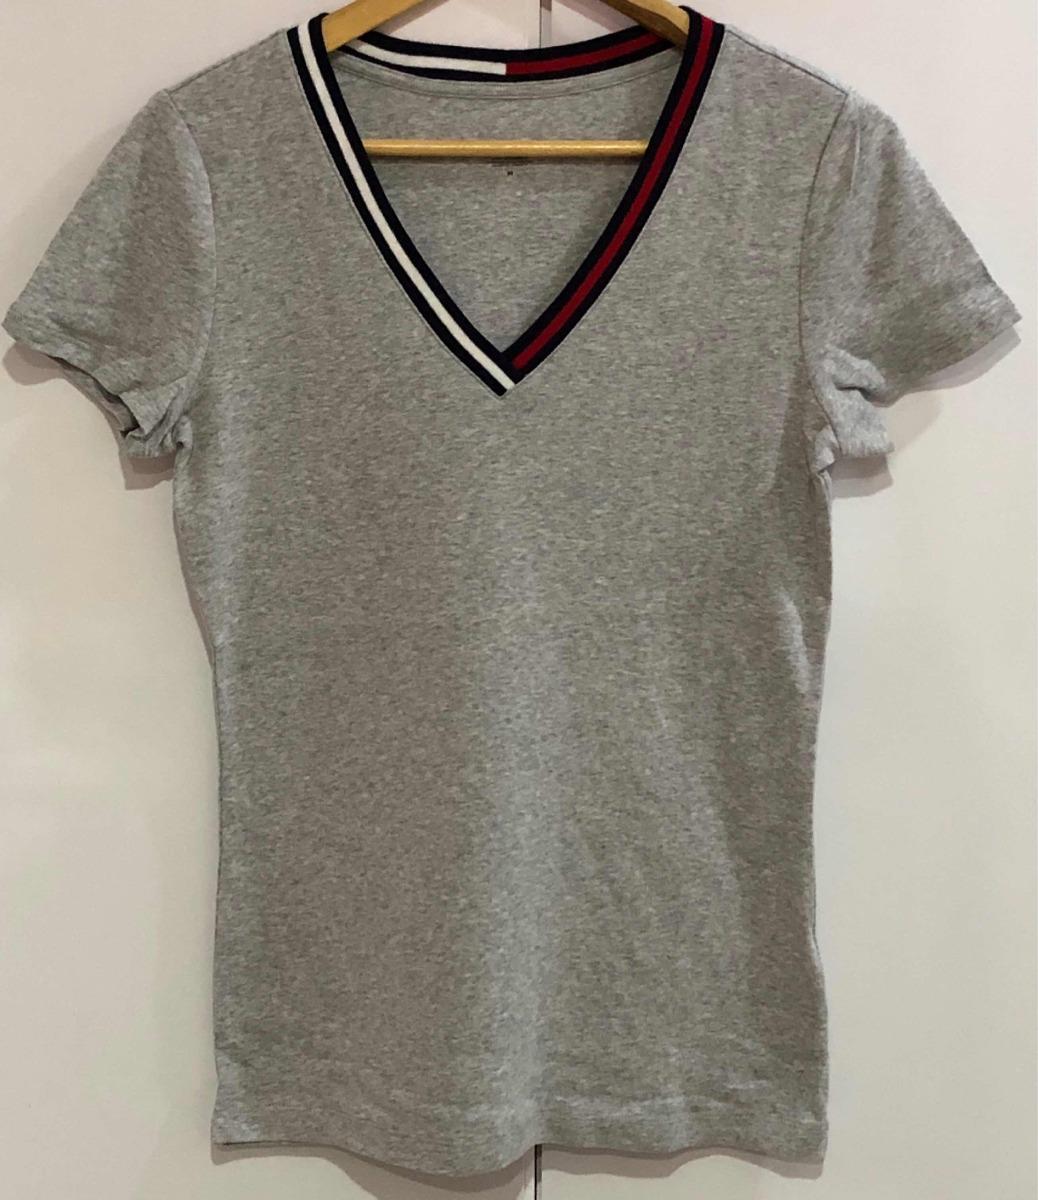 615d6372db89 Blusa Camisa Feminina Tommy Hilfiger Coleçao Nova Original